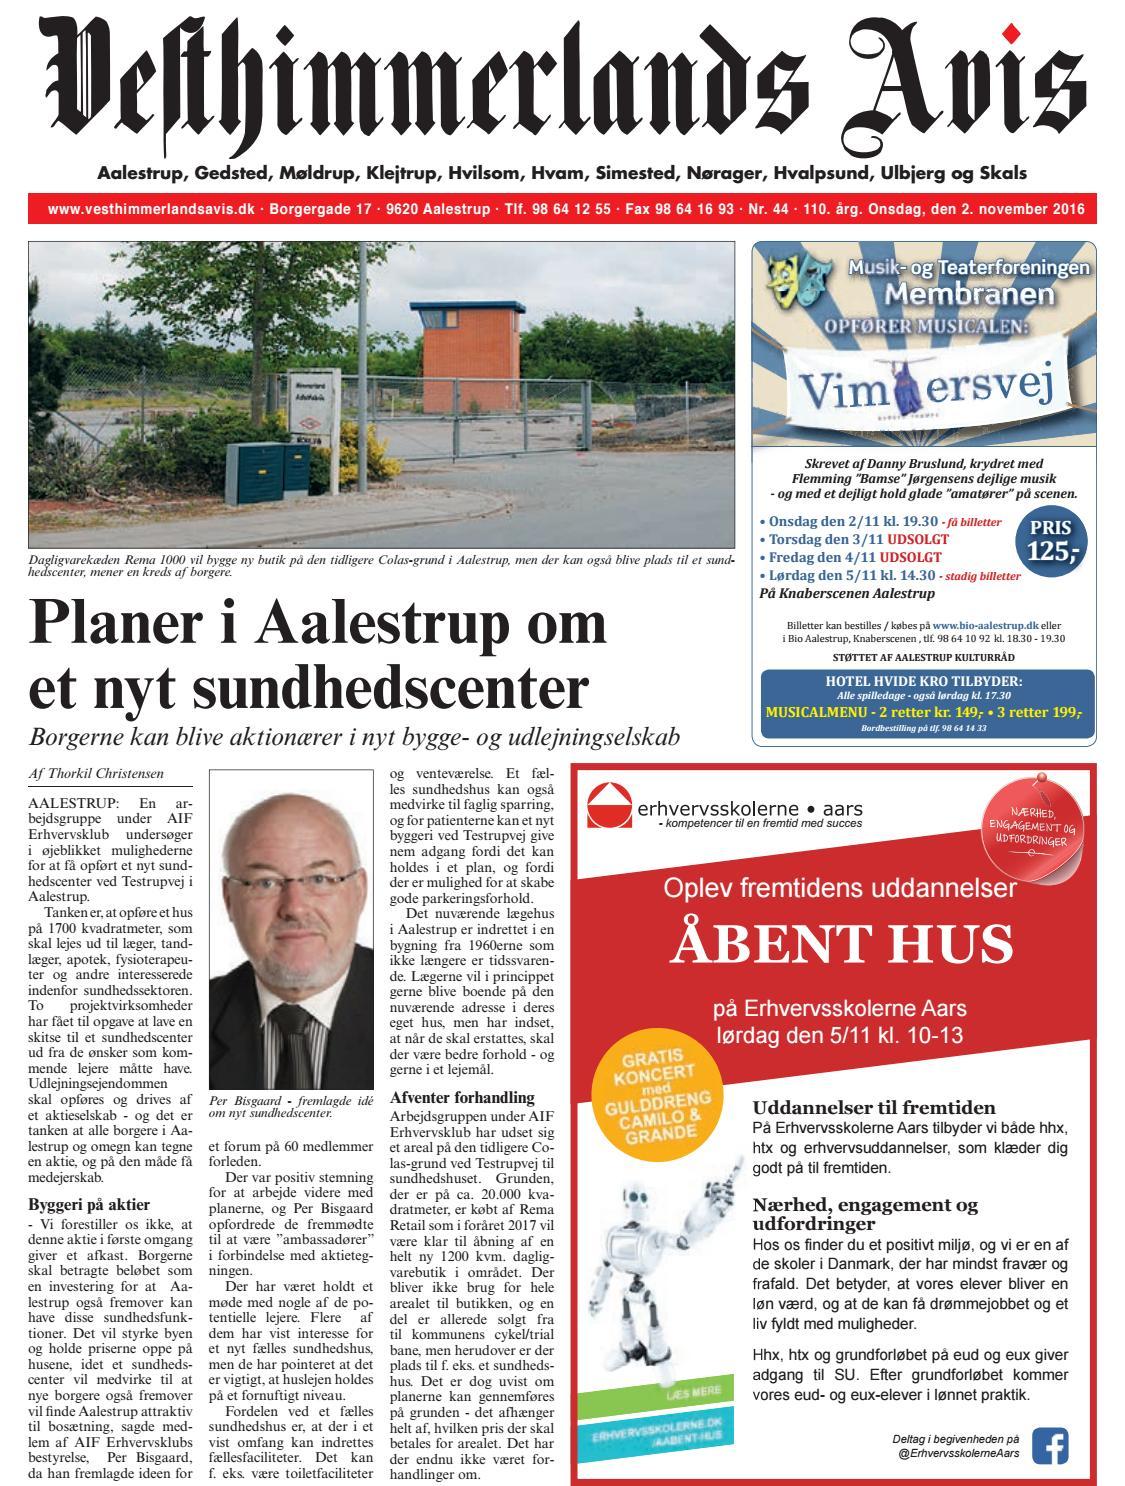 ba5d7c3b Vesthimmerlands Avis nr. 44 - 2016 by Vesthimmerlands Avis - issuu